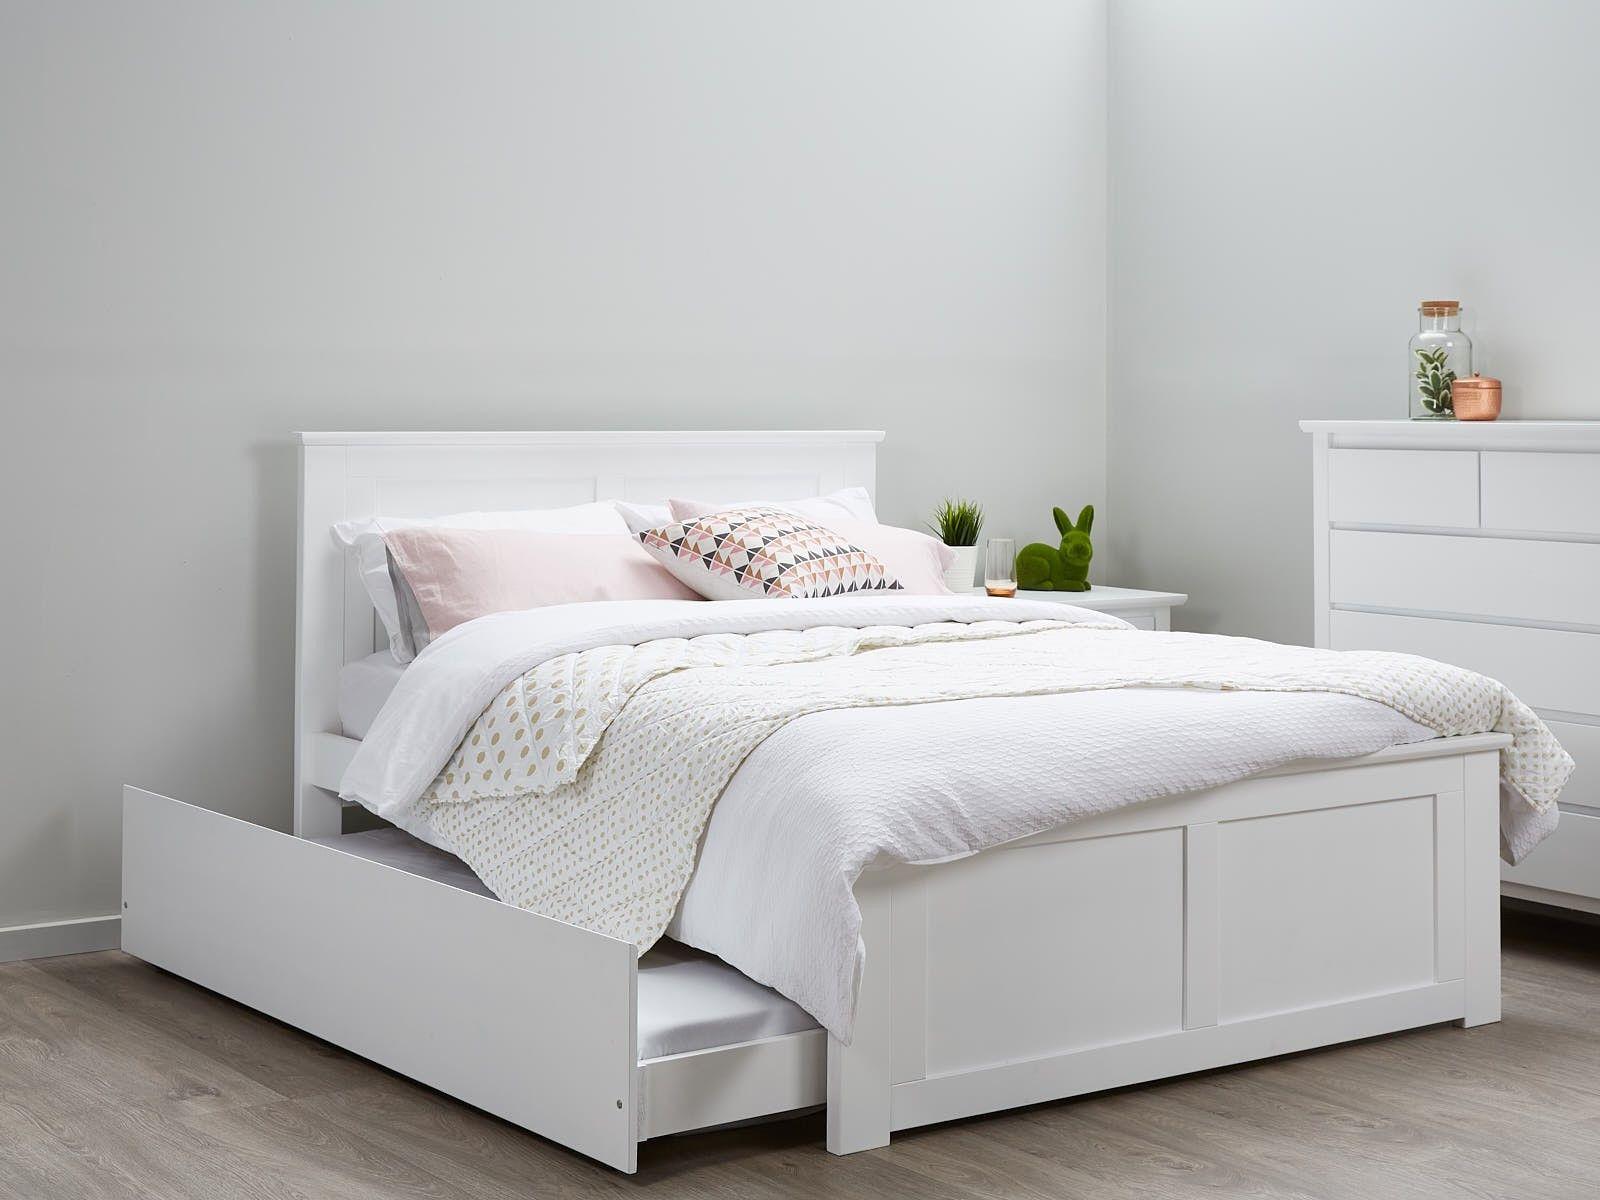 Image Result For White Beds White Bed Frame White Bedroom Set